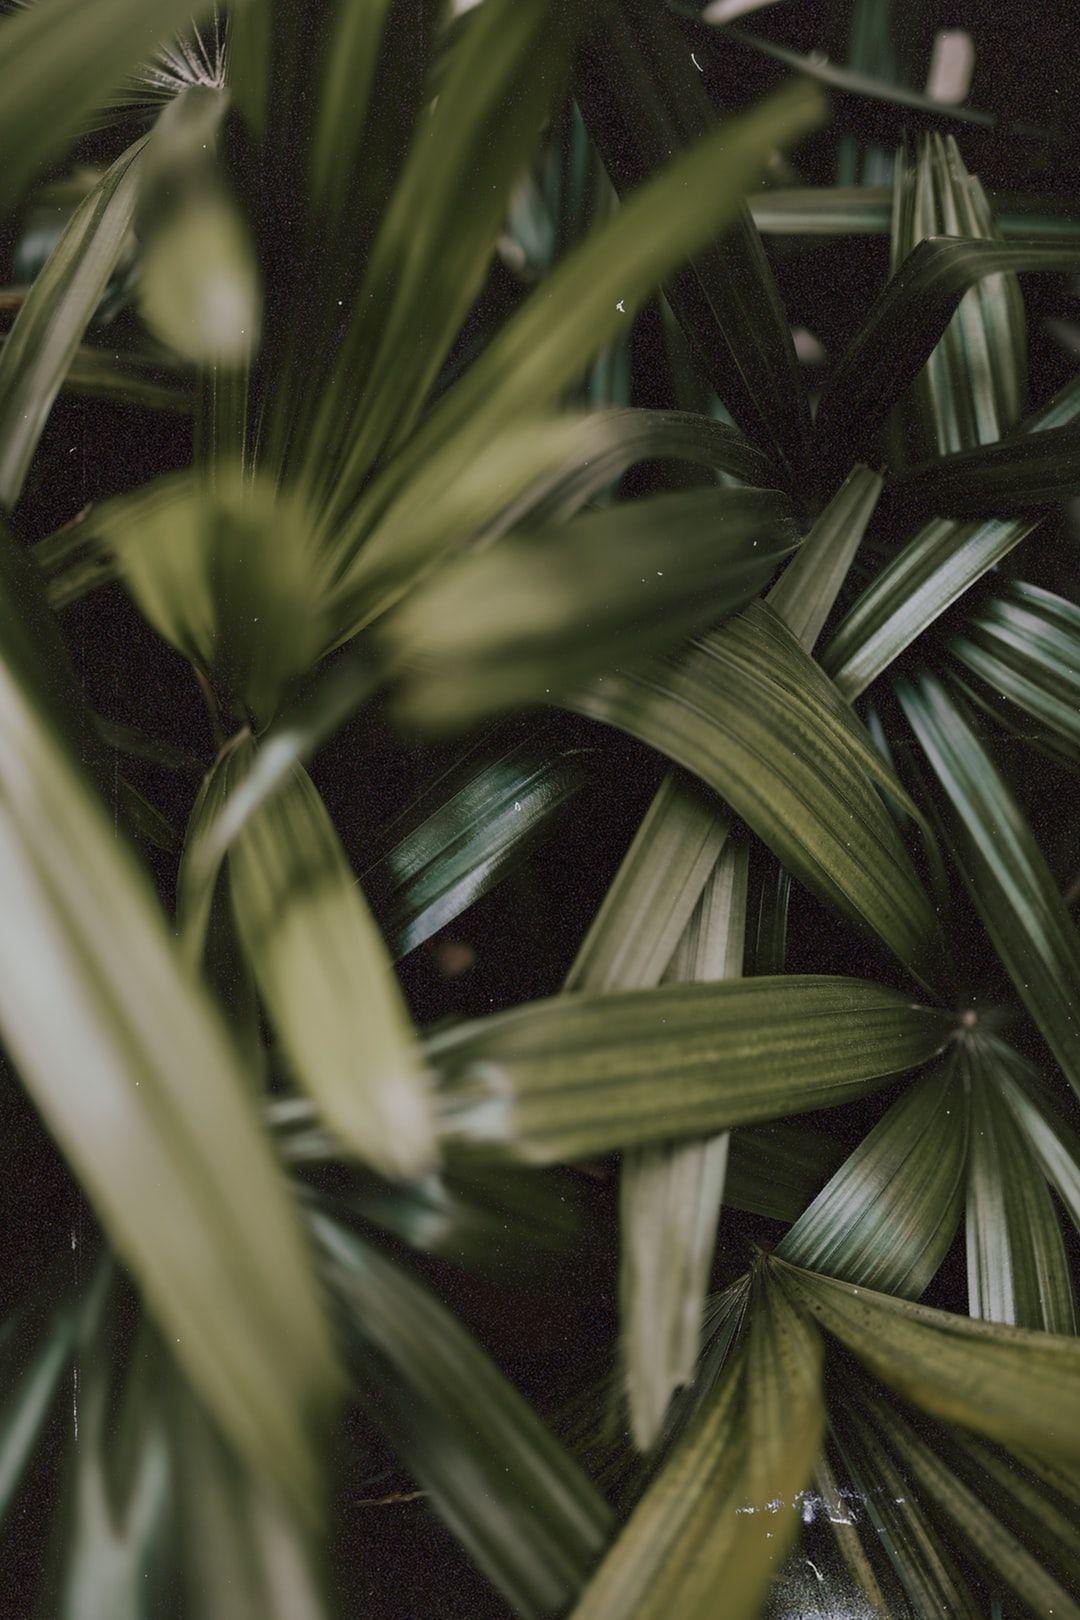 Pin by Adri Van Groningen on beauty in 2020 Green